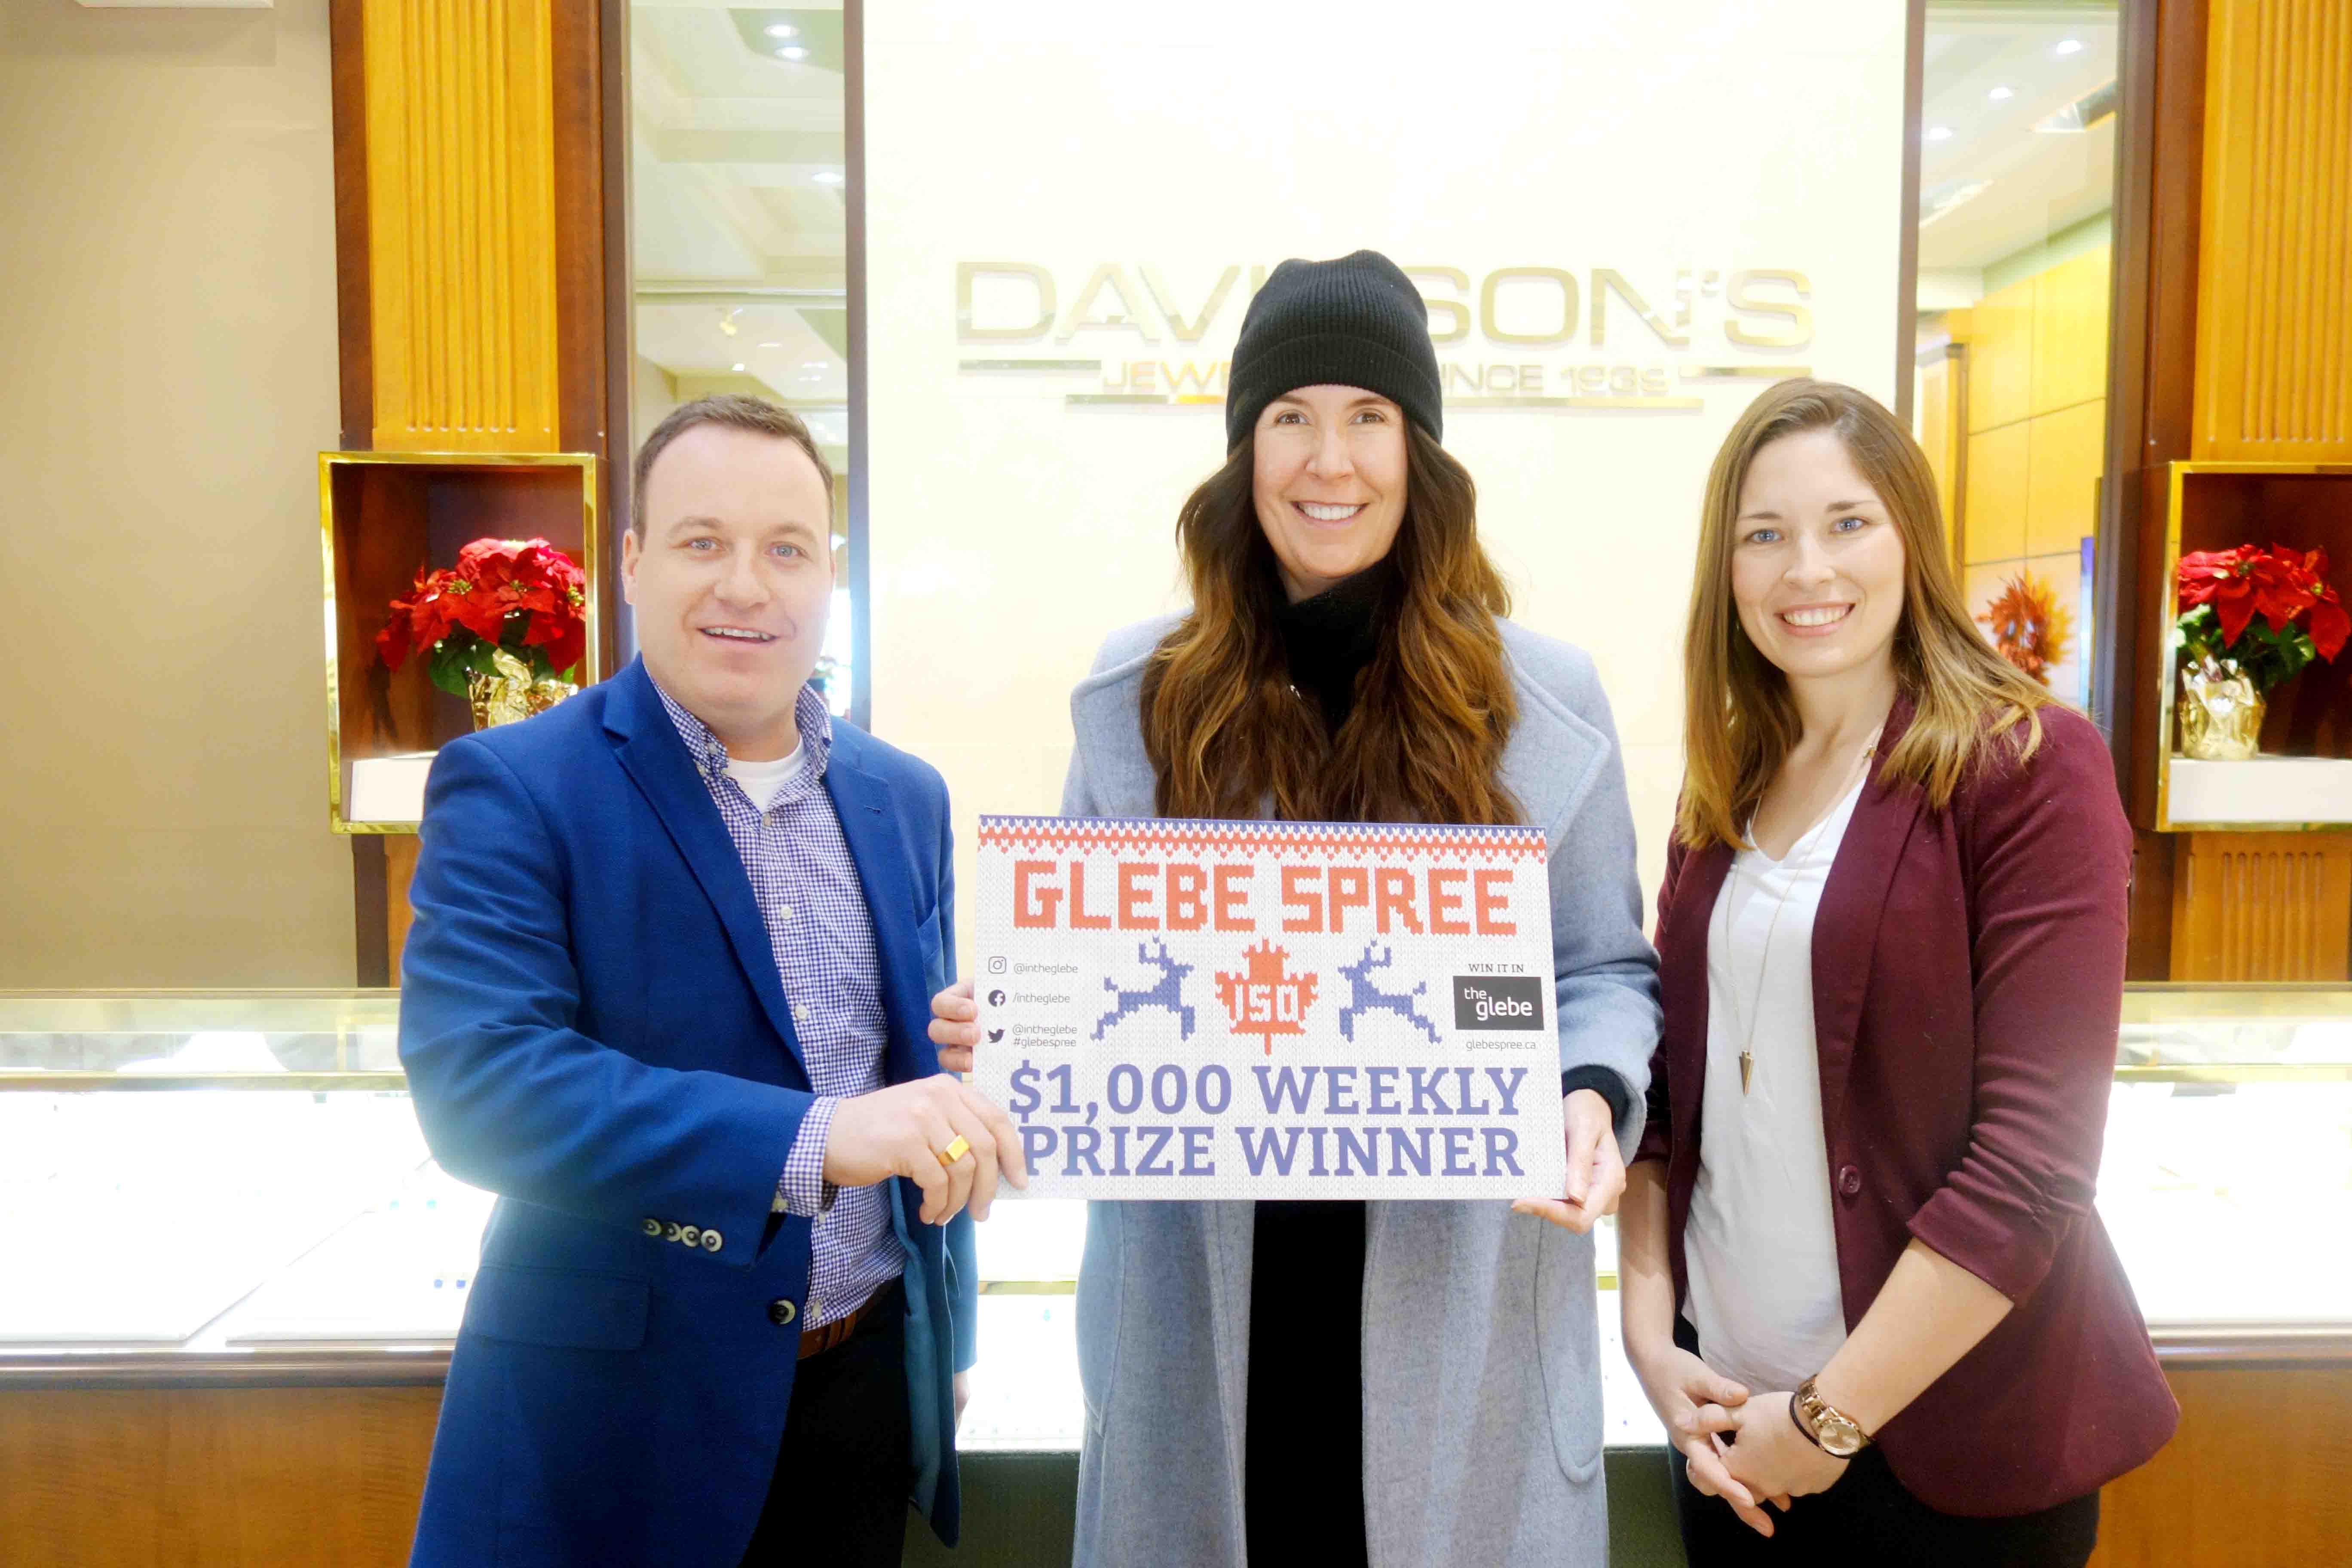 Glebe Spree $1,000 prize winners living it up in the Glebe